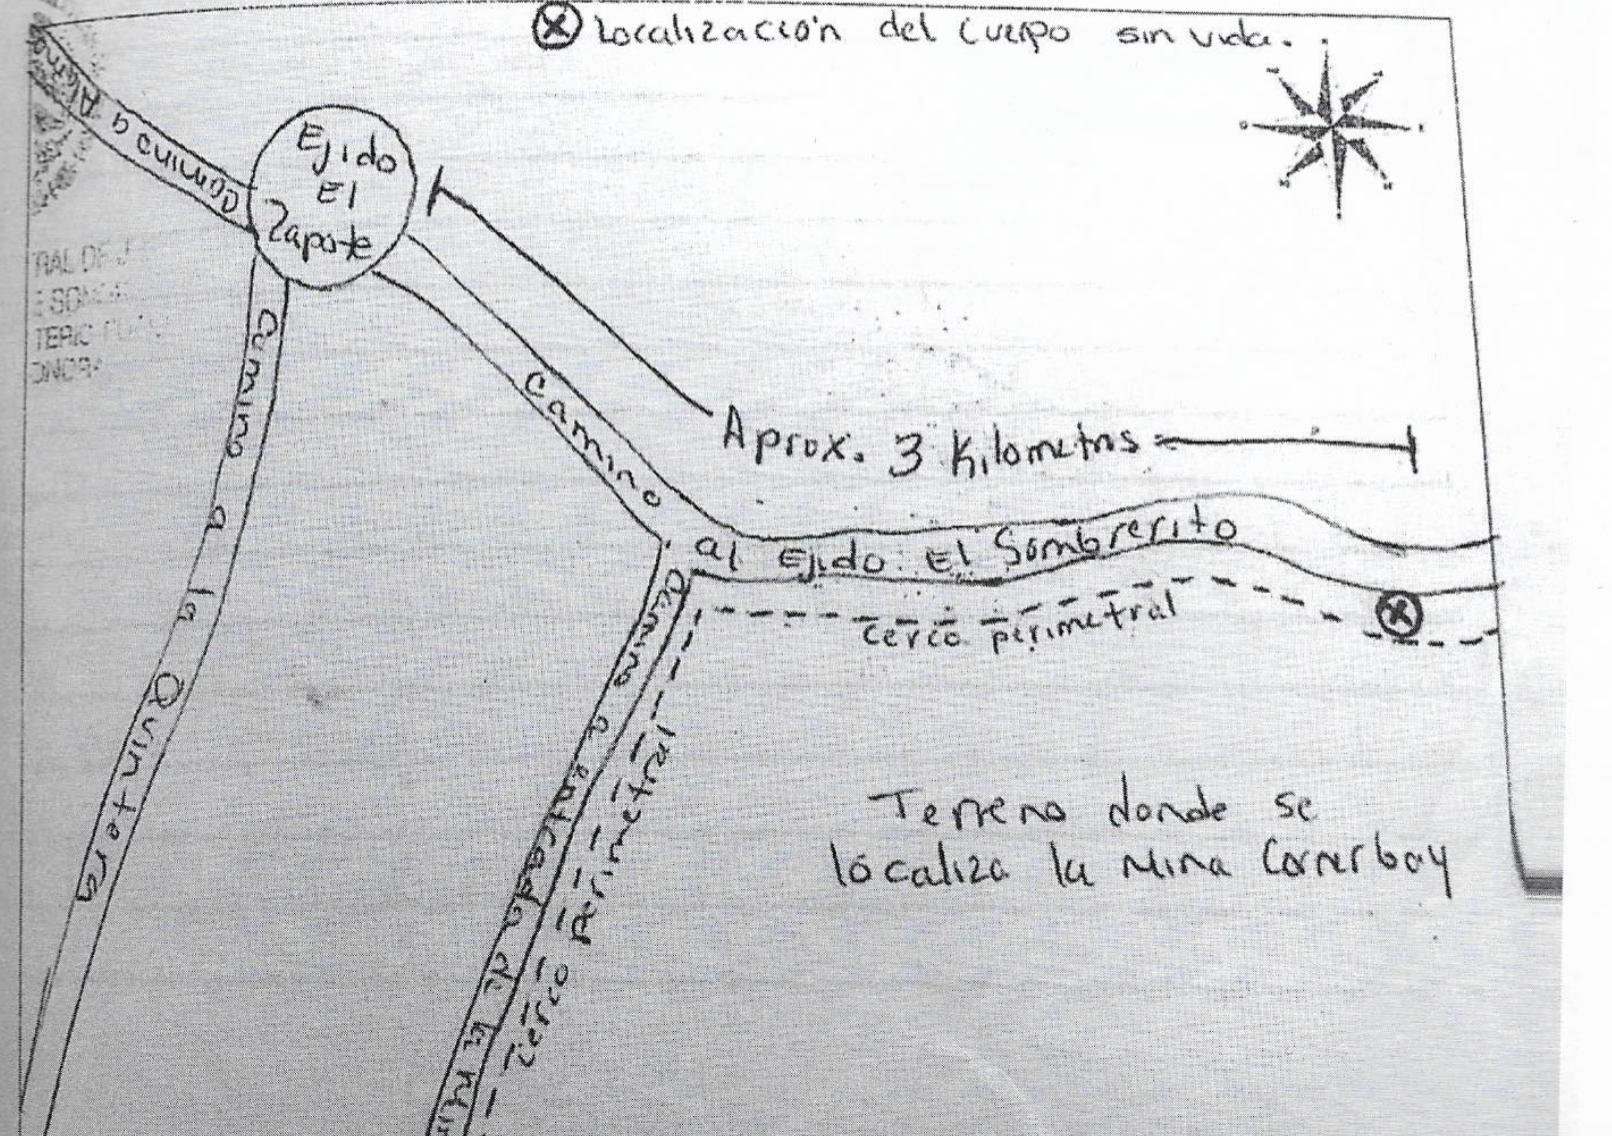 17. Foto mapa de hallazgo del cuerpo